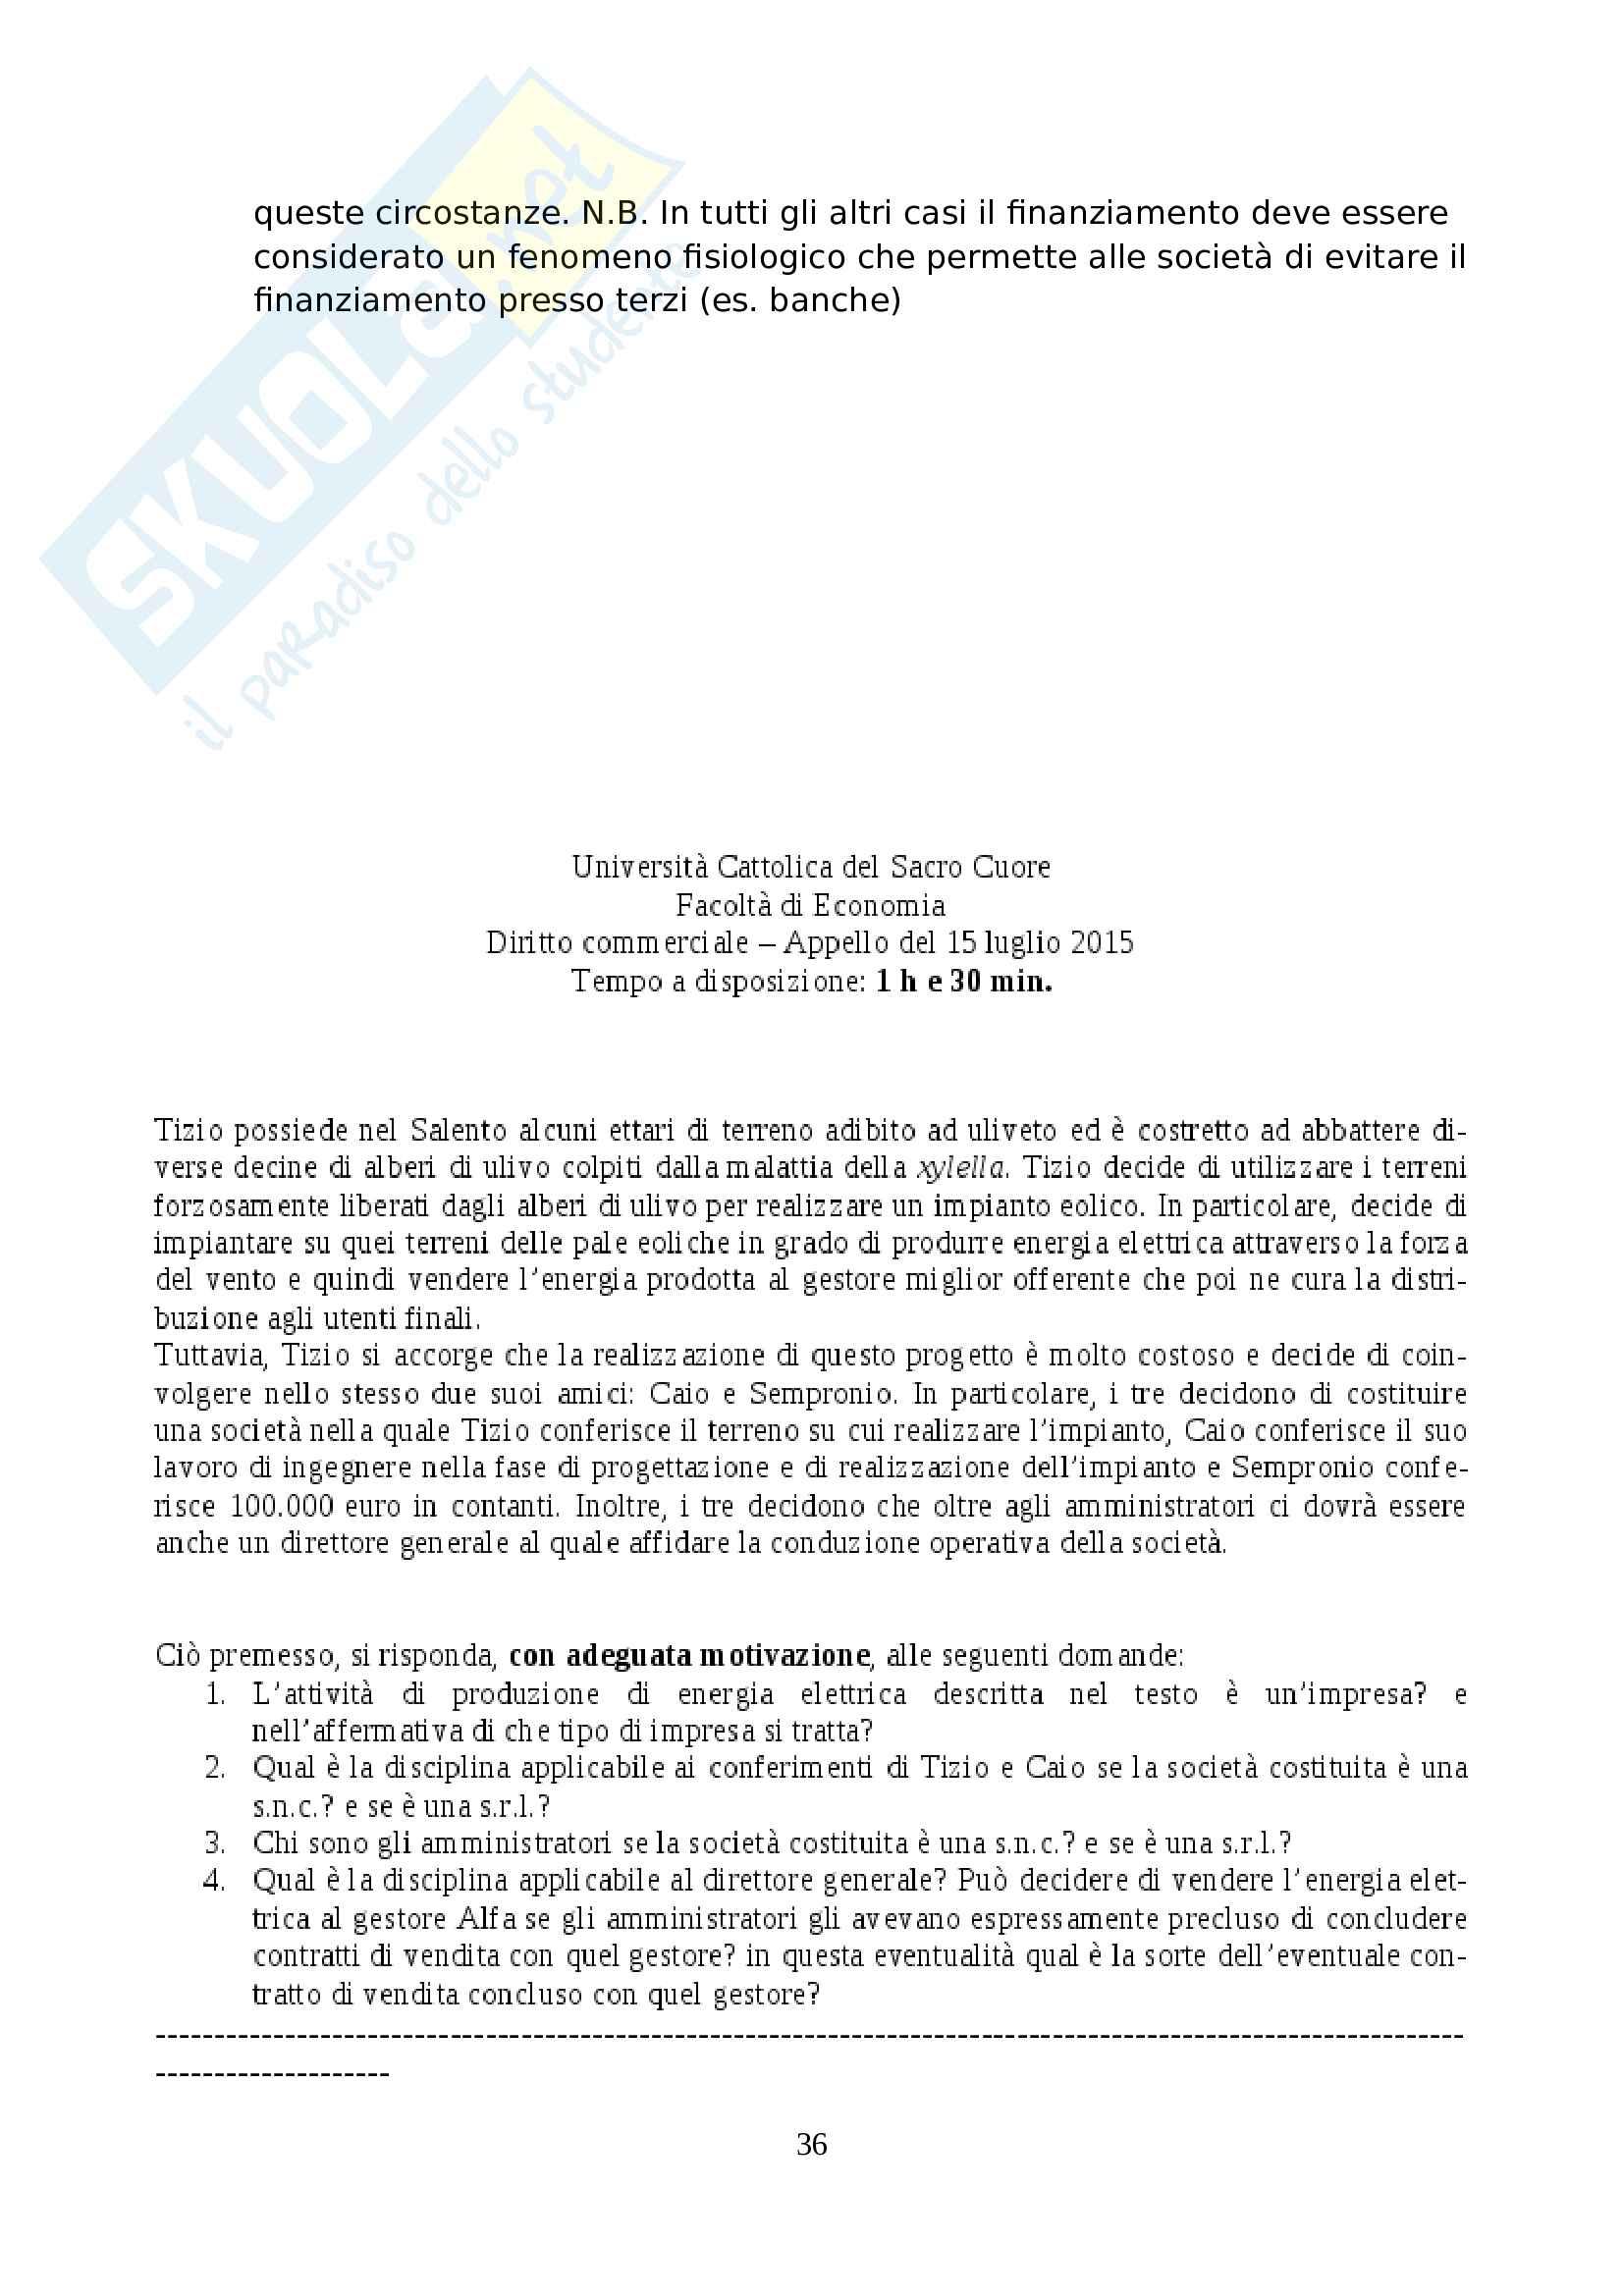 Soluzione temi d'esame di Diritto Commerciale (Unicatt: Cetra, Vanoni, Munari, Regoli) Pag. 36